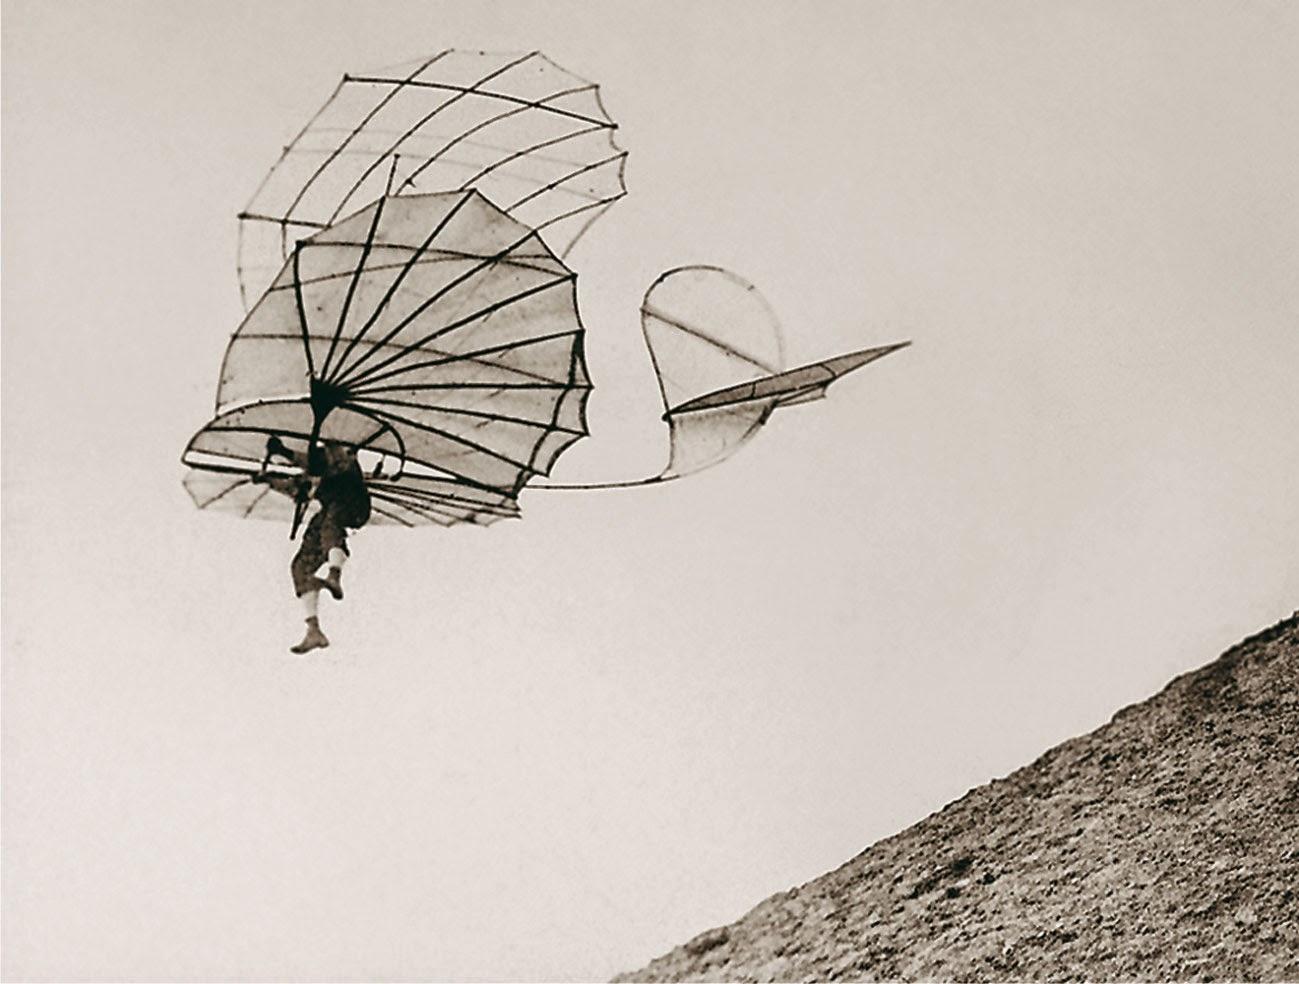 ليلينتال,المحاولات الأولي للطيران الشراعى,الطائرات الشراعية او المحلقات, قصة الطيران,